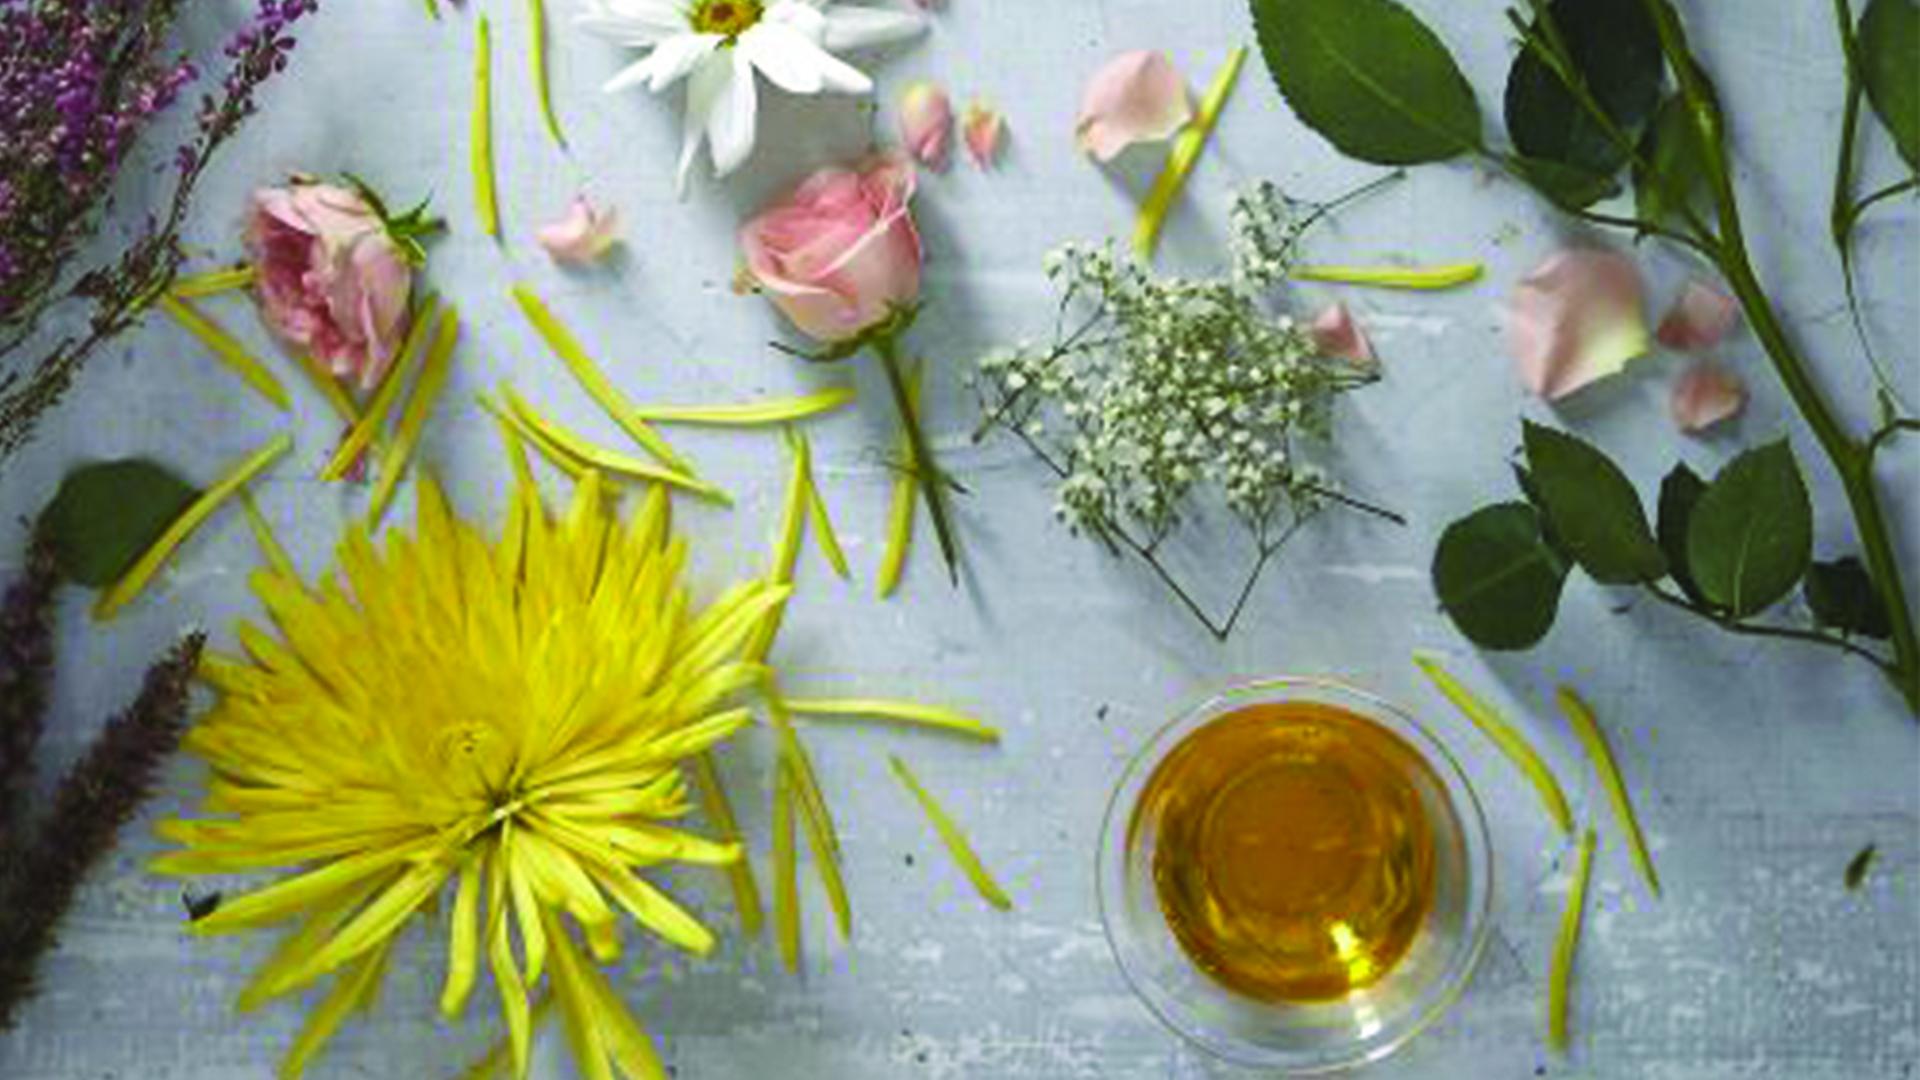 3 huiles essentielles pour un v ritable bien tre reines. Black Bedroom Furniture Sets. Home Design Ideas